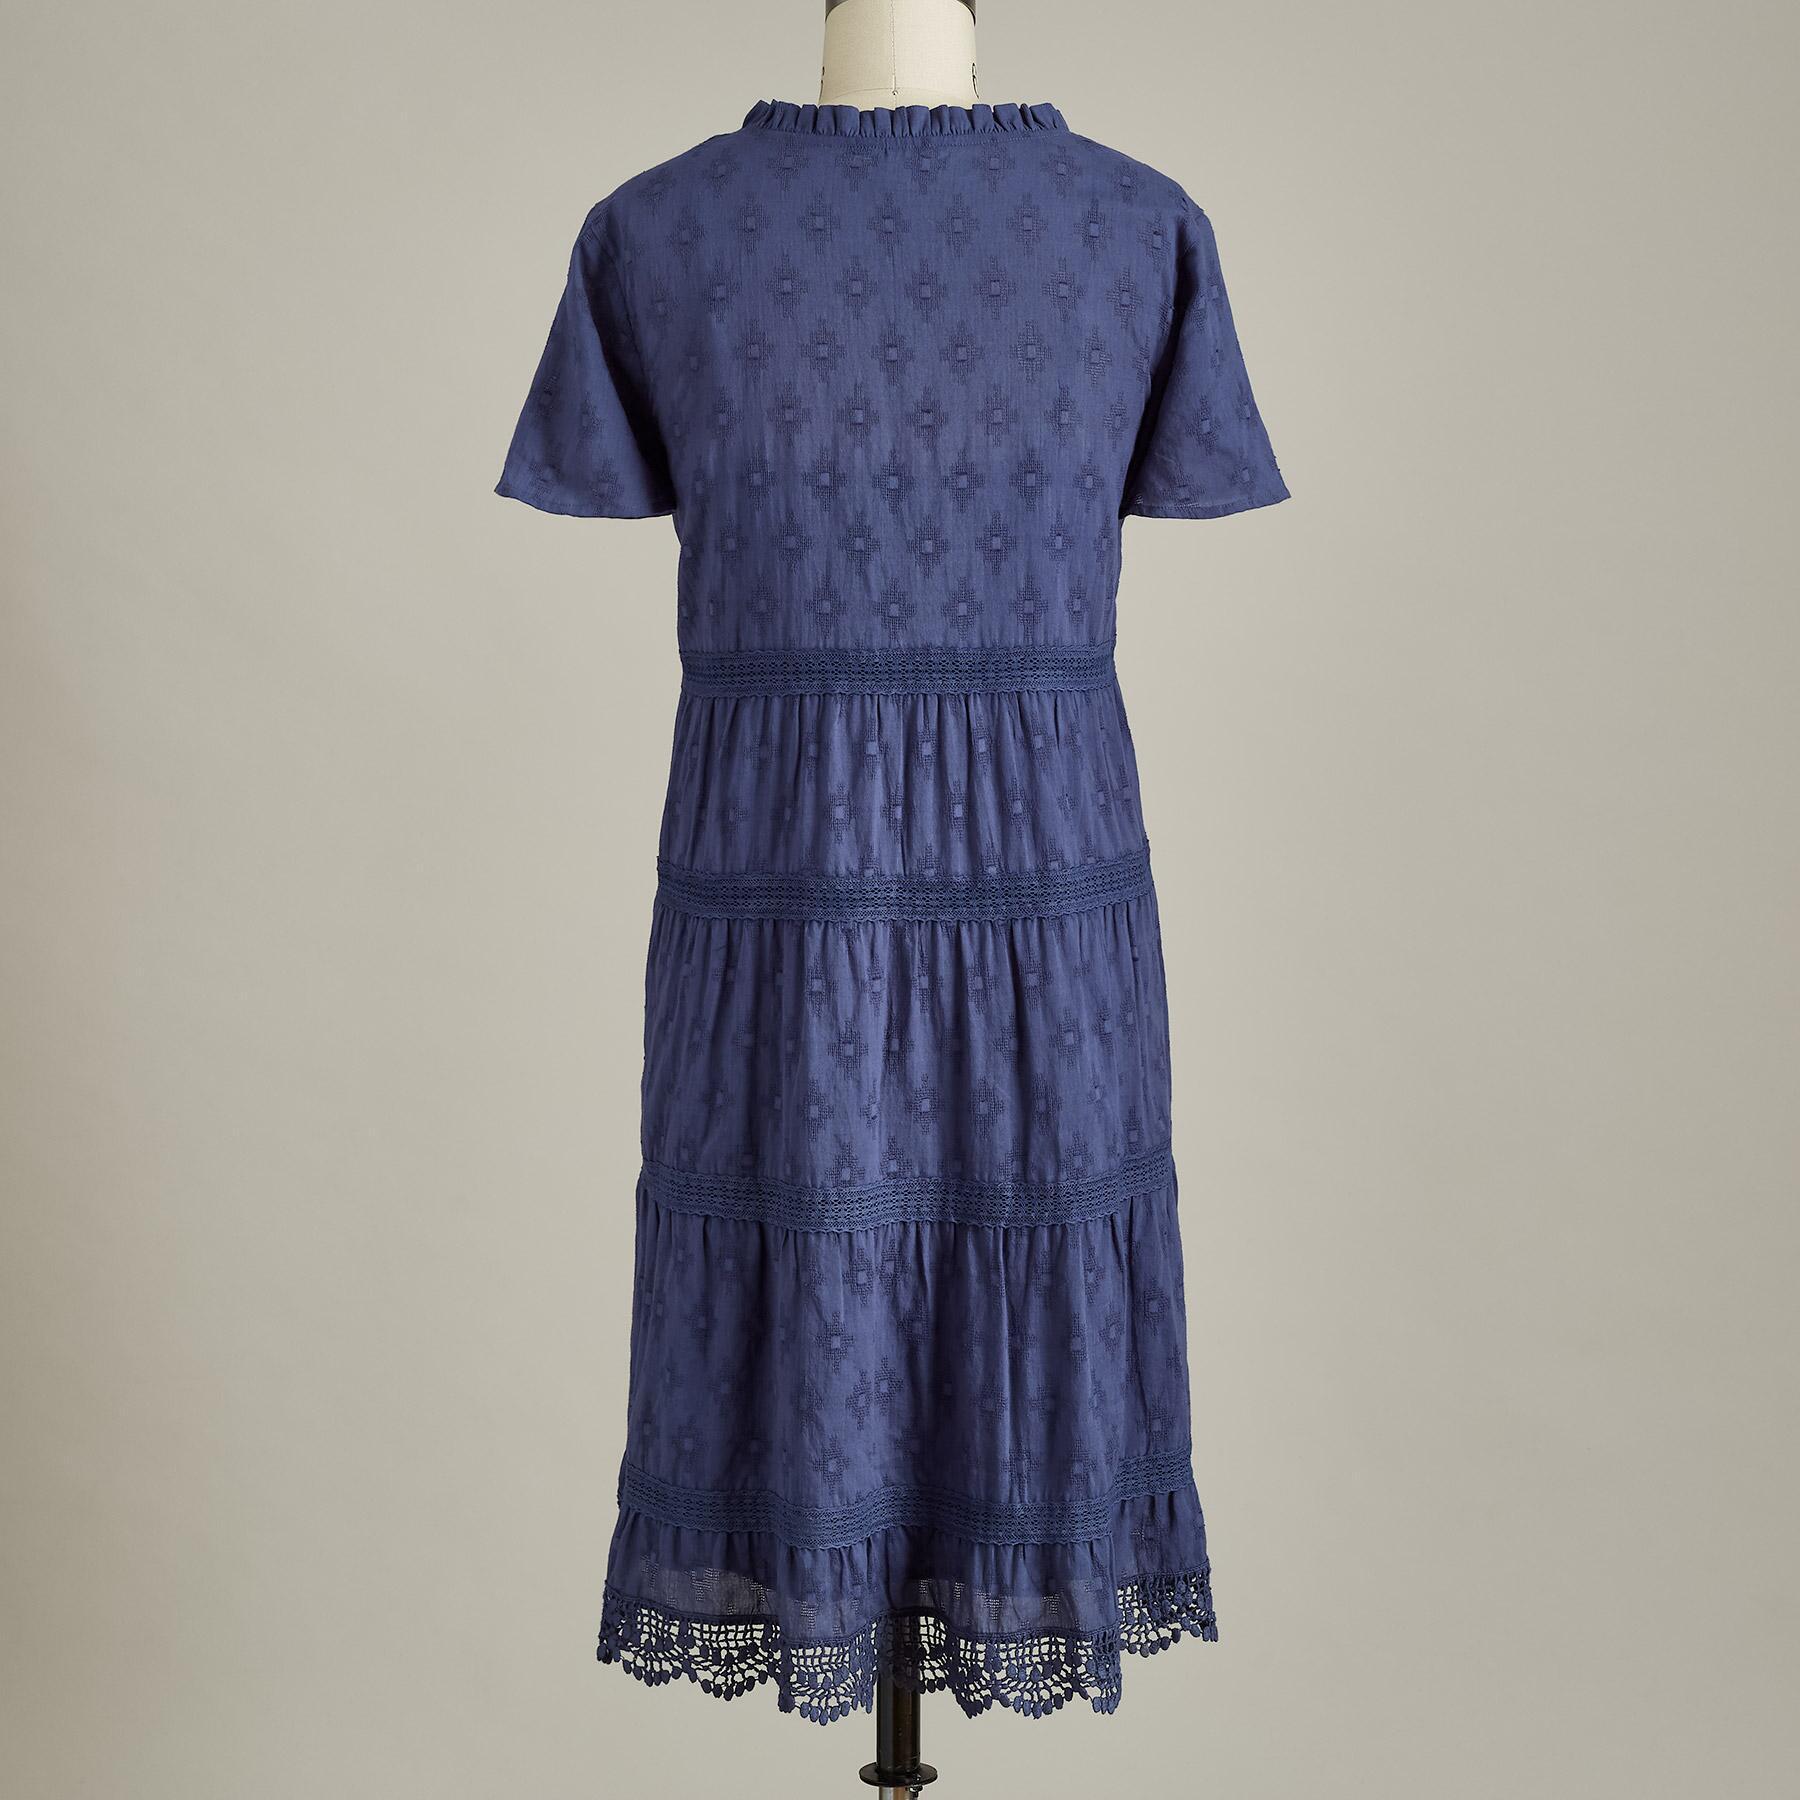 PAULETTE DRESS - PETITES: View 2